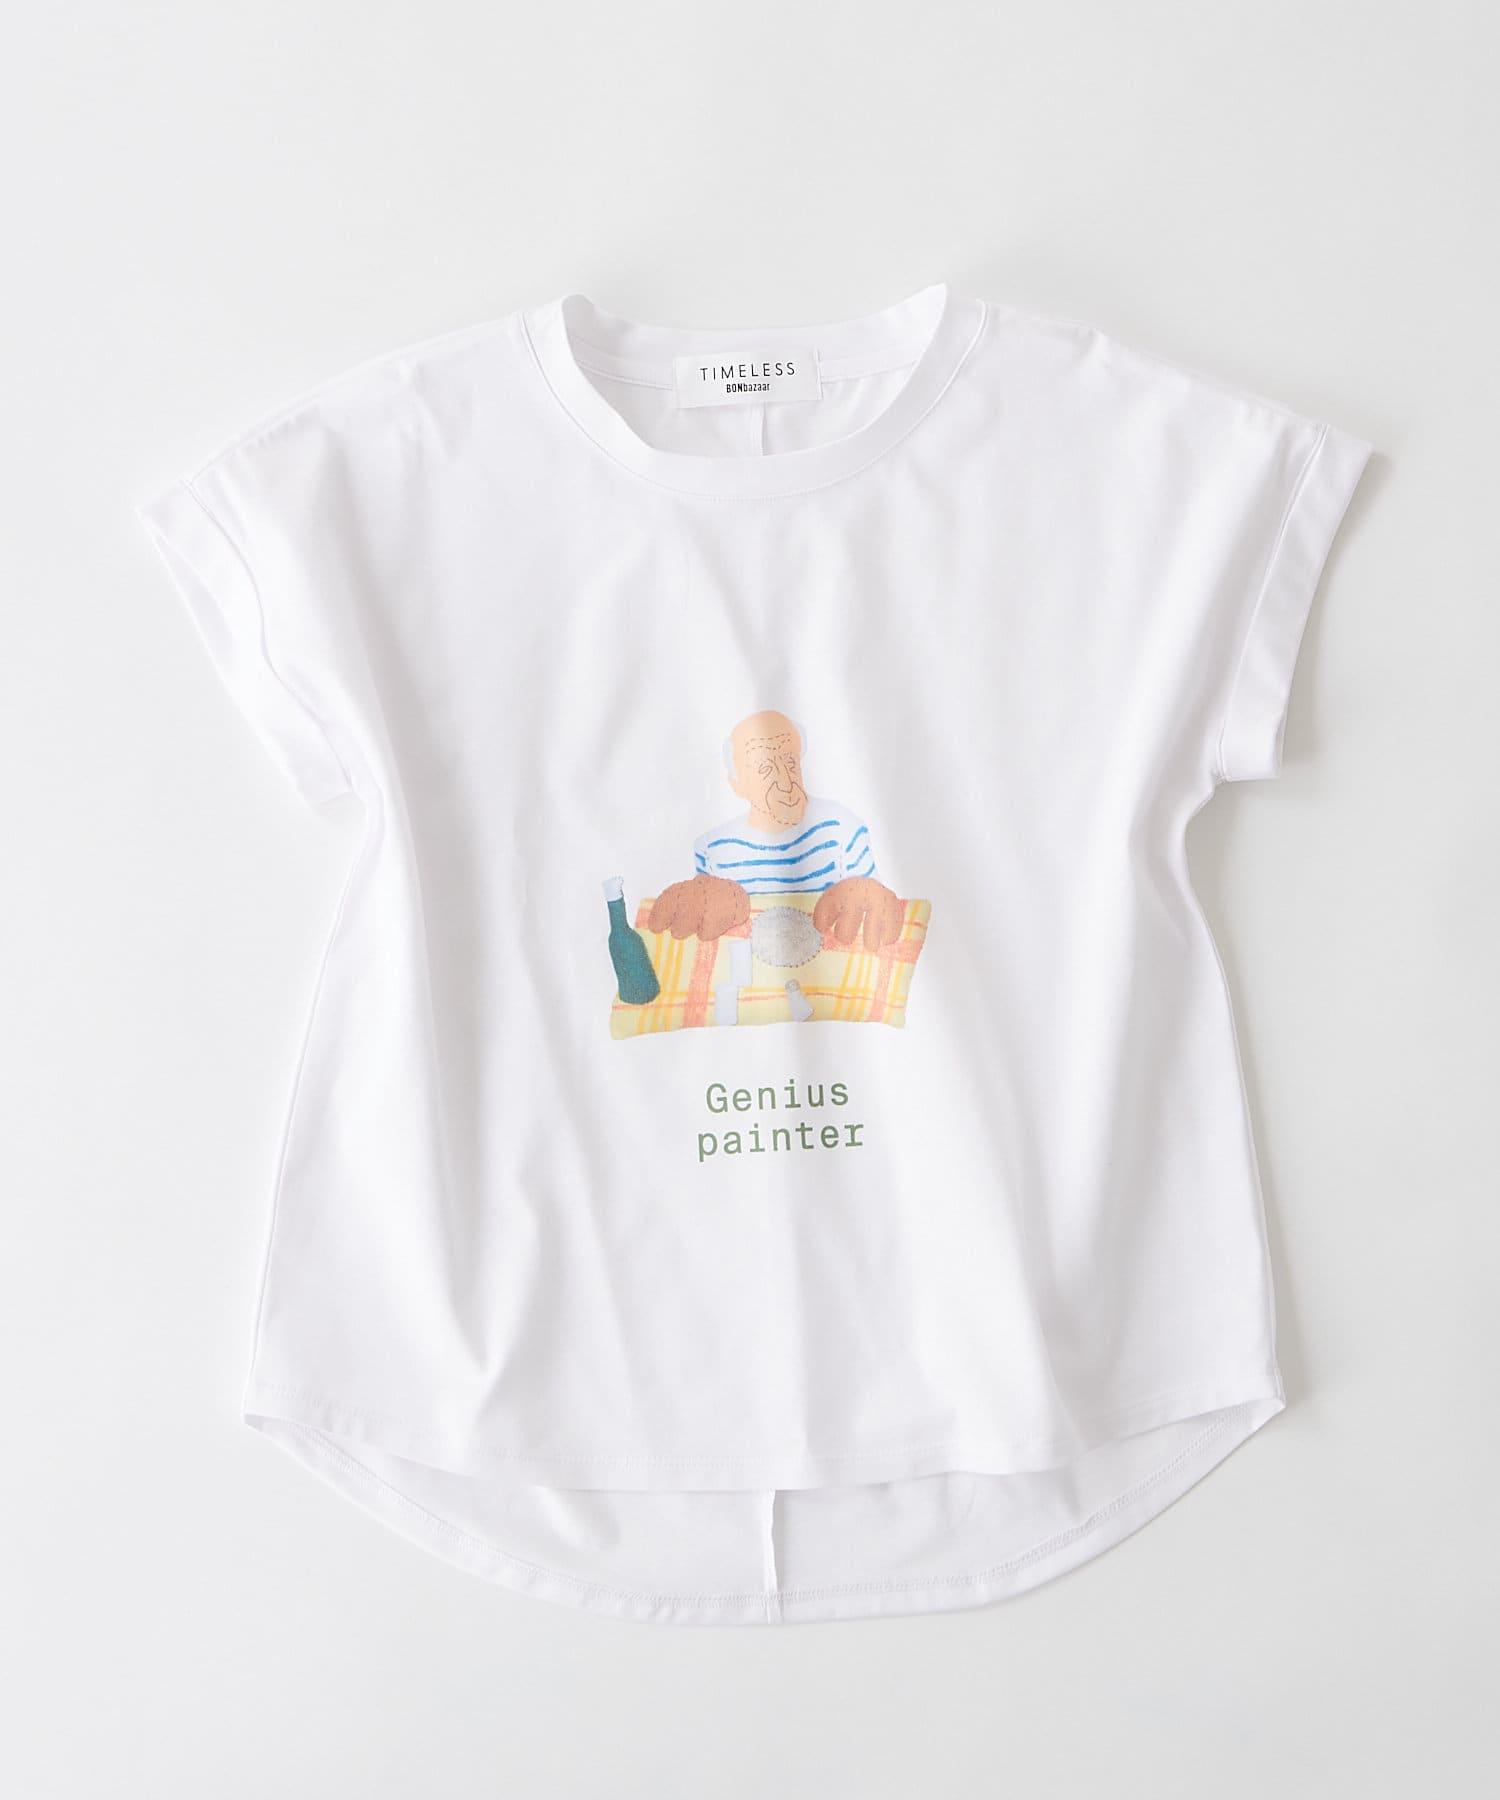 BONbazaar(ボンバザール) レディース 《長谷川 有里's キャラクター》Tシャツ Genius Painter ホワイト